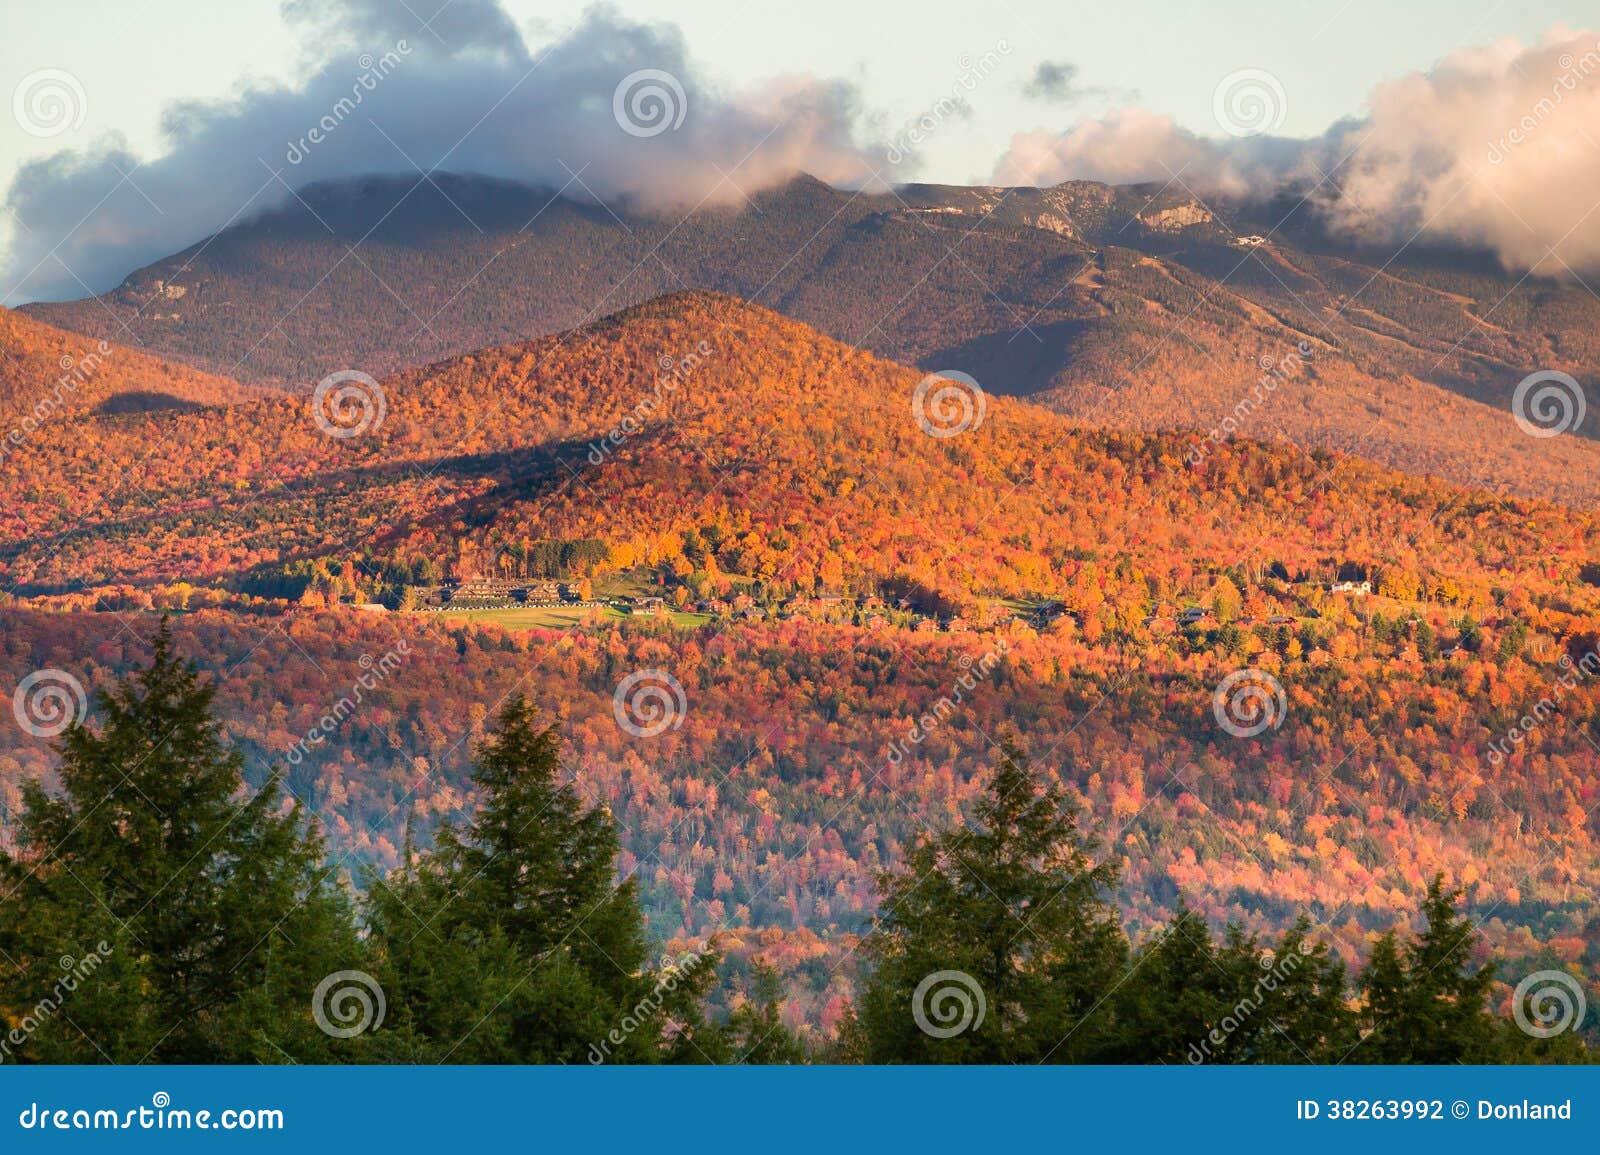 与Mt.曼斯菲尔德的秋叶在背景中。